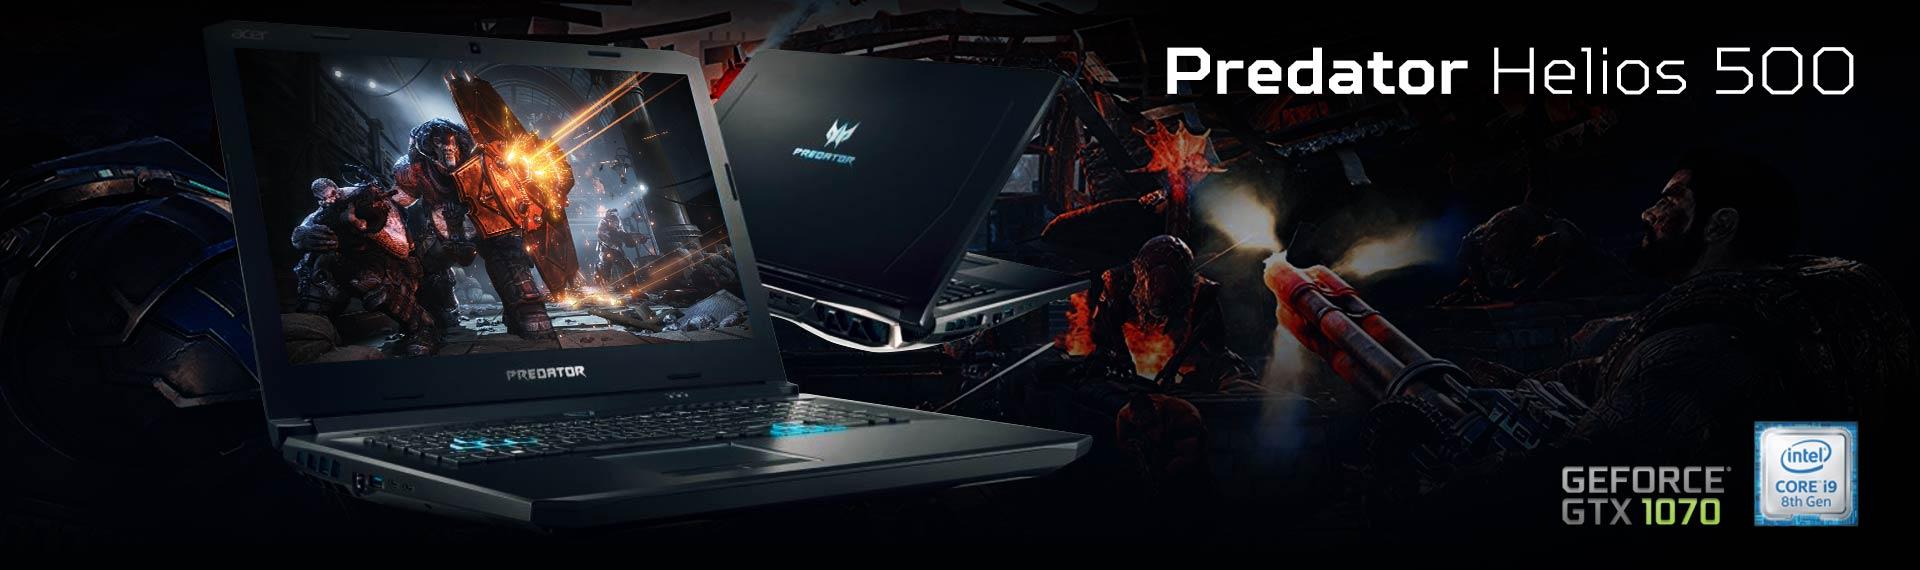 Predator Helios 500, Laptop Super Kencang dengan Prosesor Intel Core i9